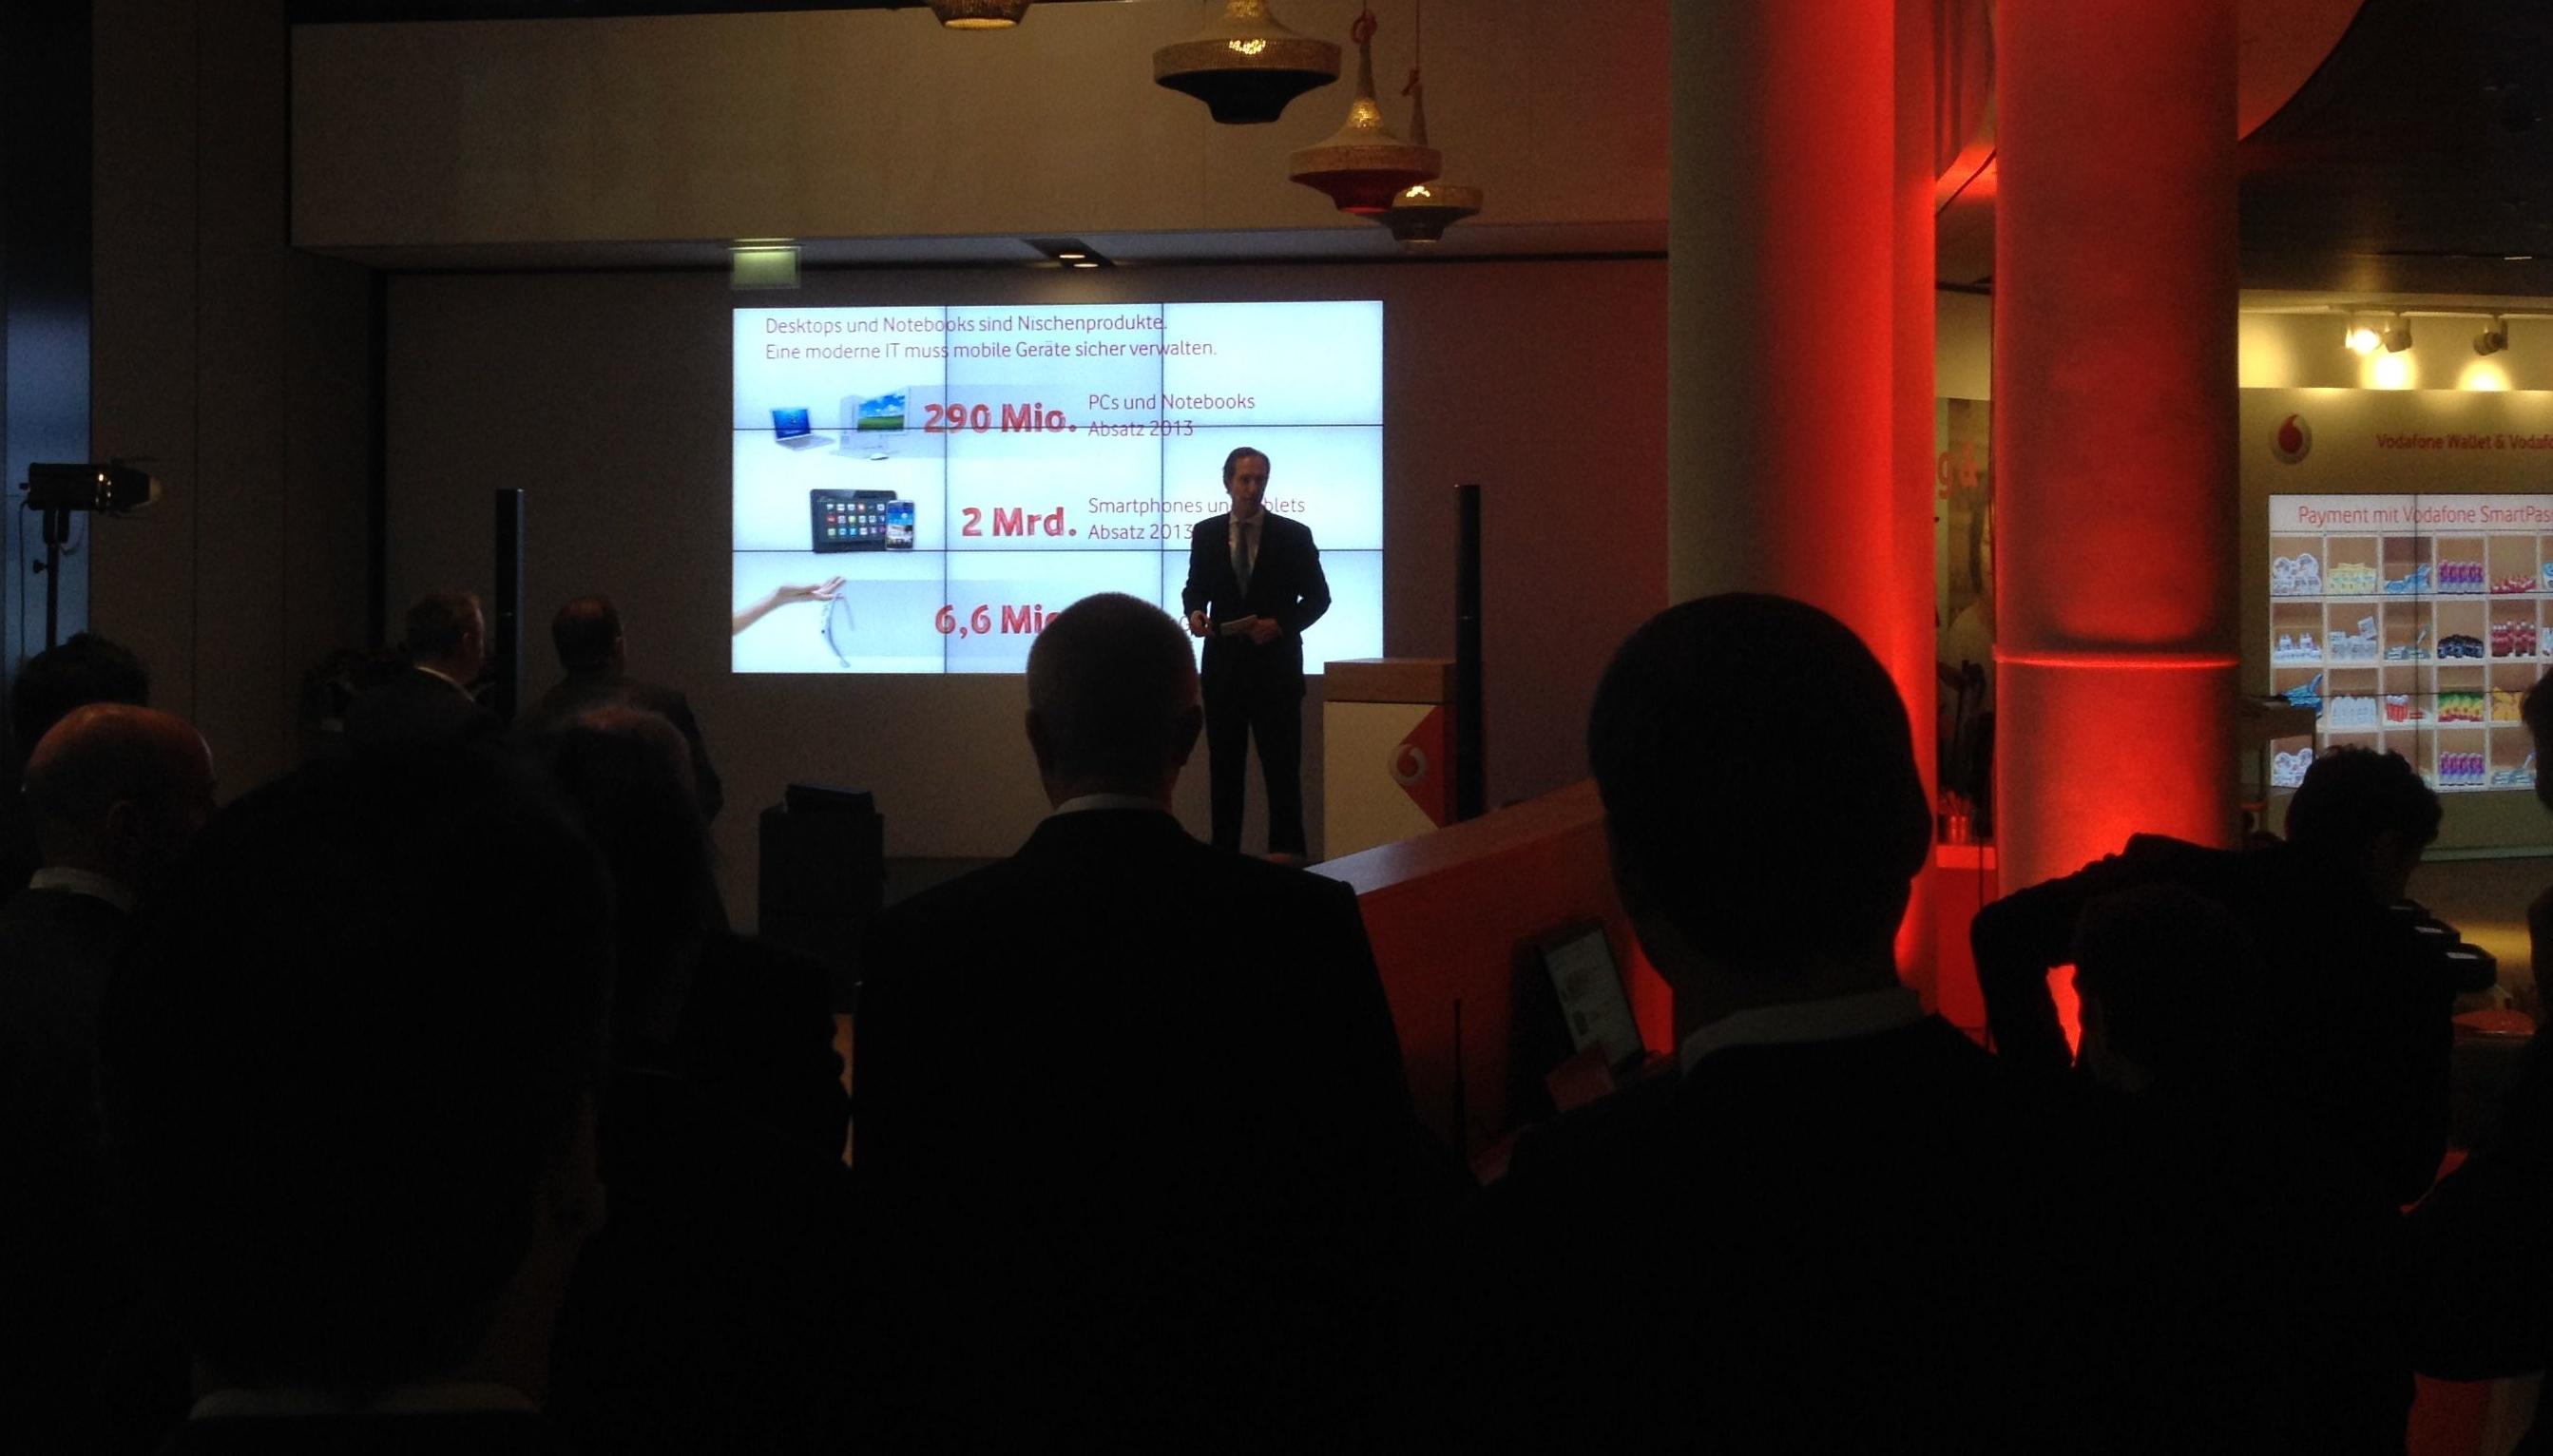 Vodafone Innovation Days - 2013 Smartphone und Tablets Absatz bei 2 Mrd.: Philip Lacor, Vodafone Geschäftsführer Firmenkundengeschäft